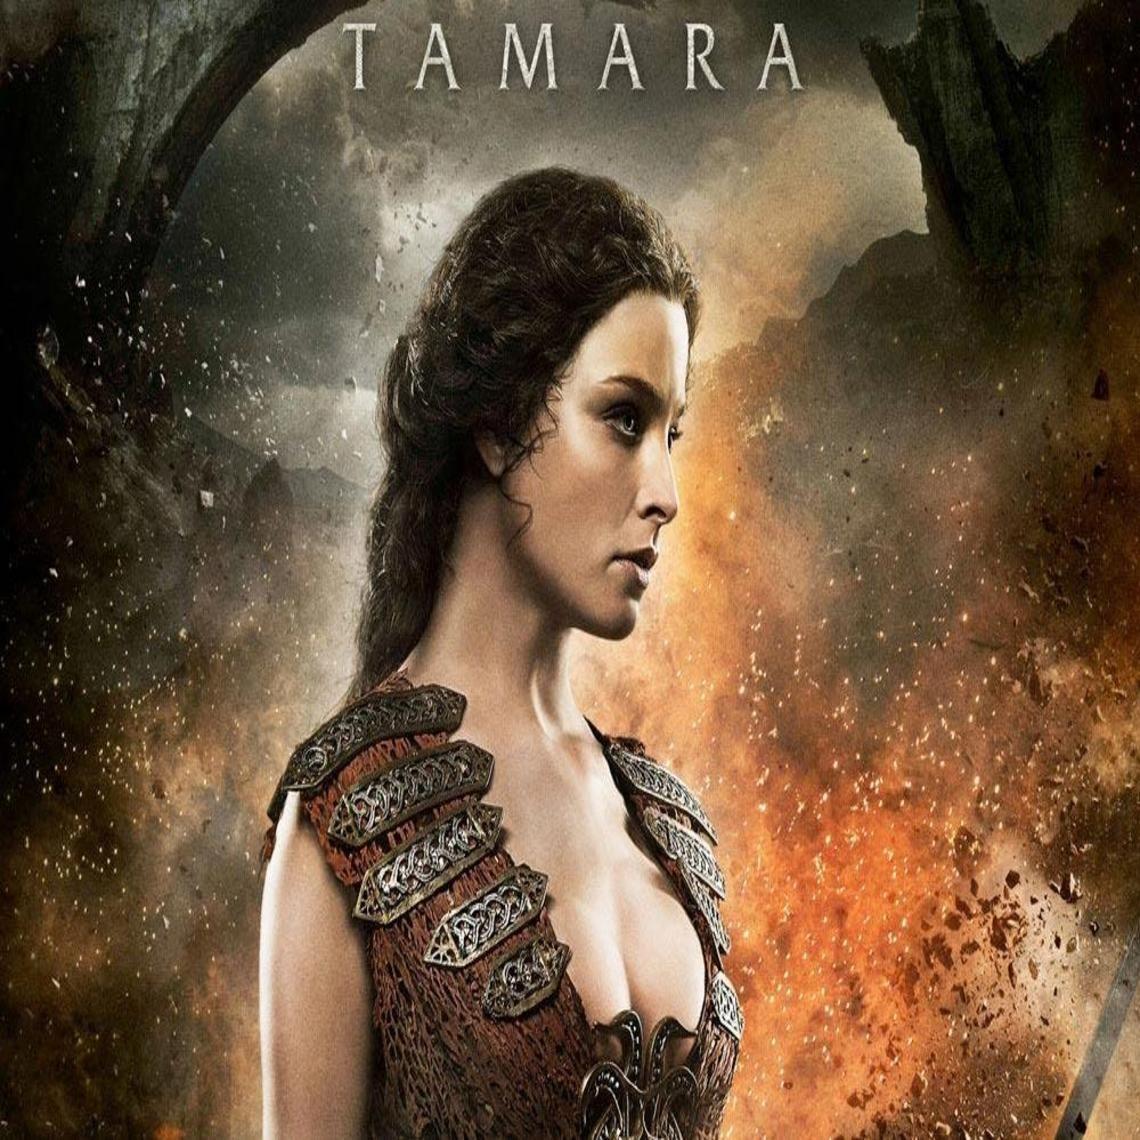 Rachel Nichols as Tamara (Conan the Barbarian movie